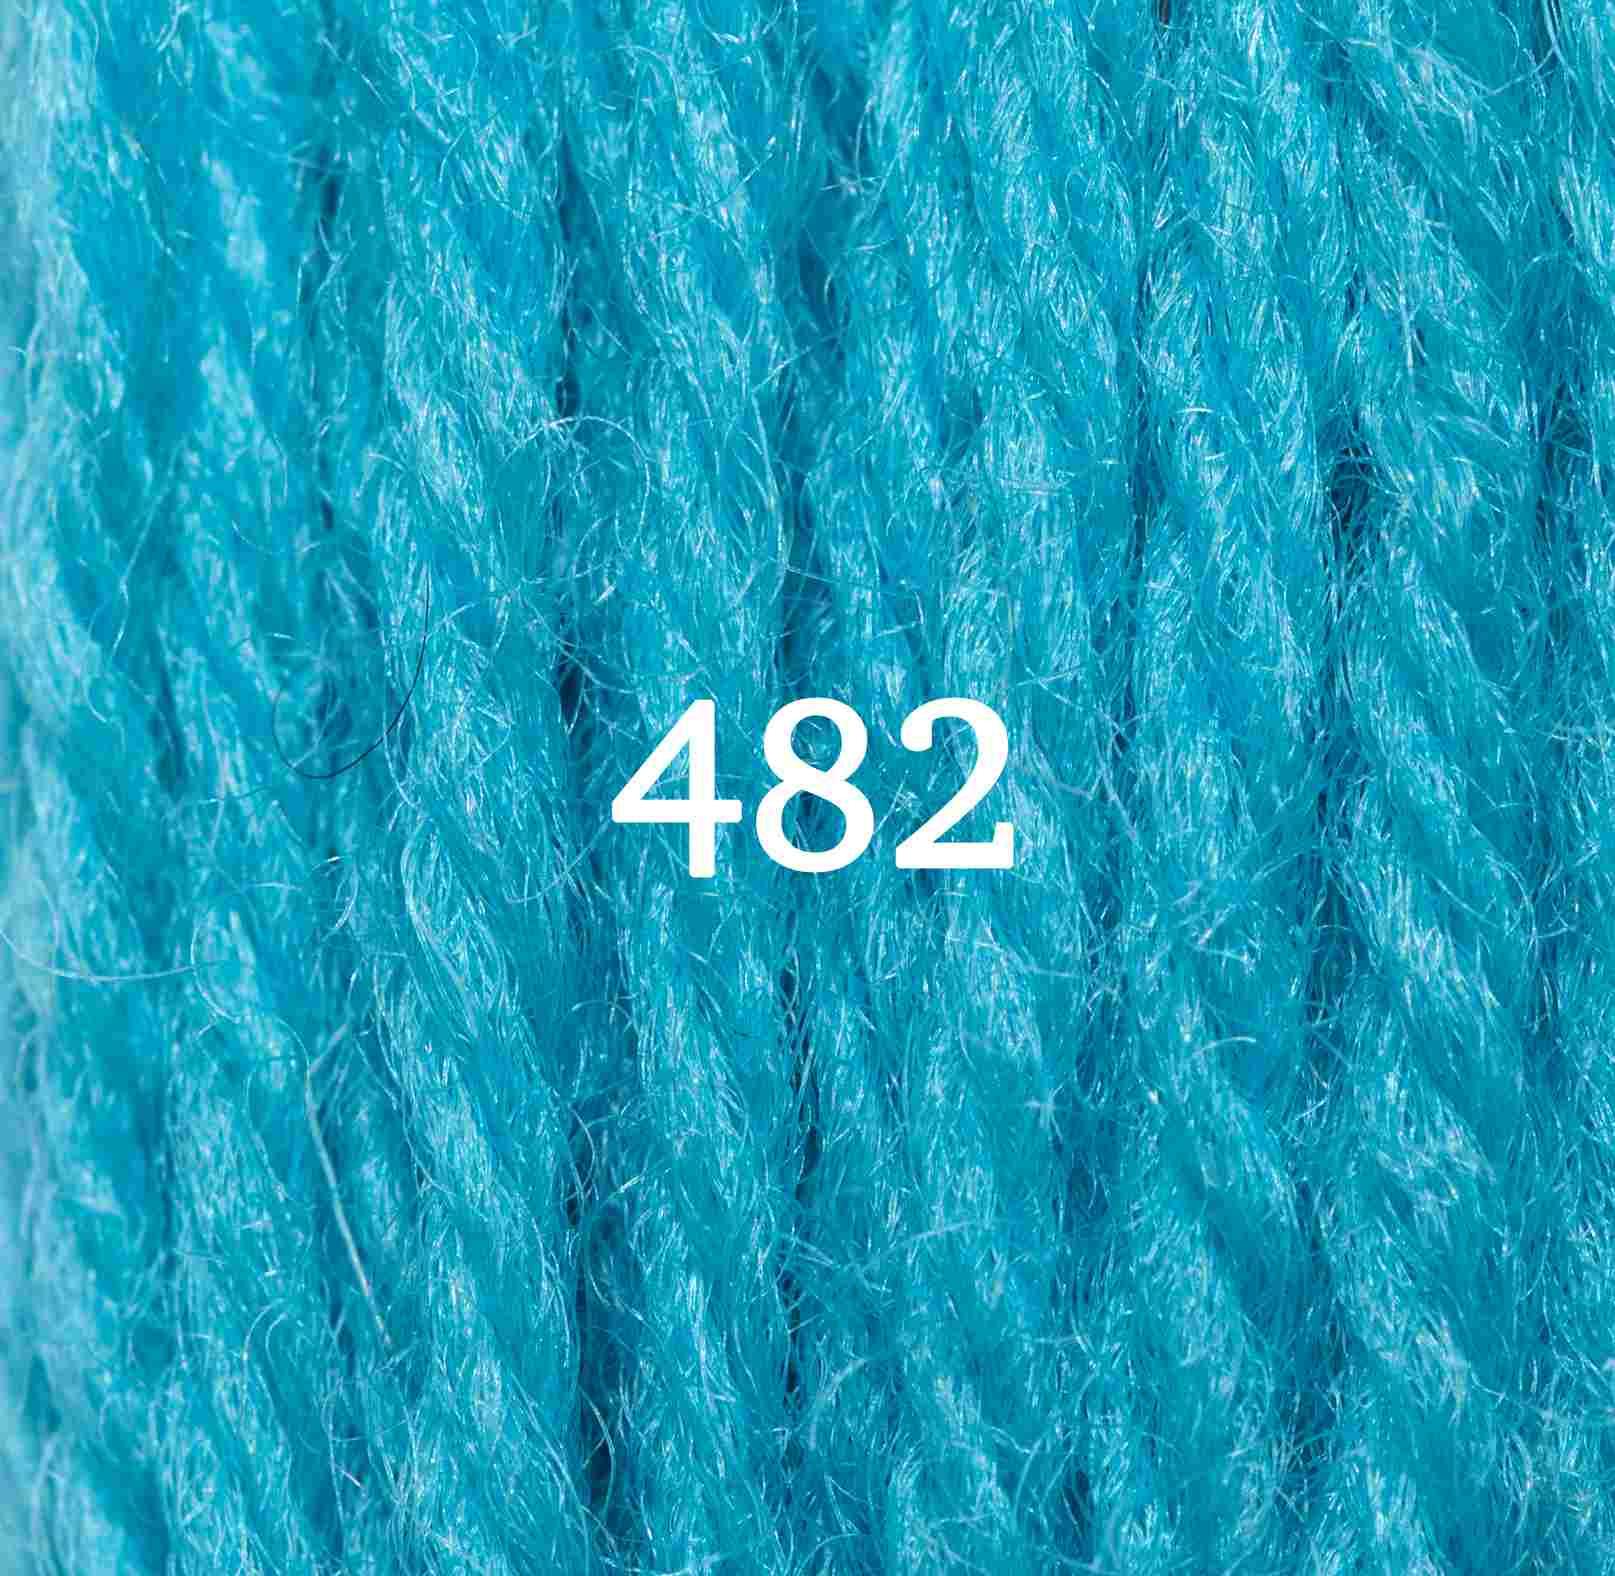 Kingfisher-482